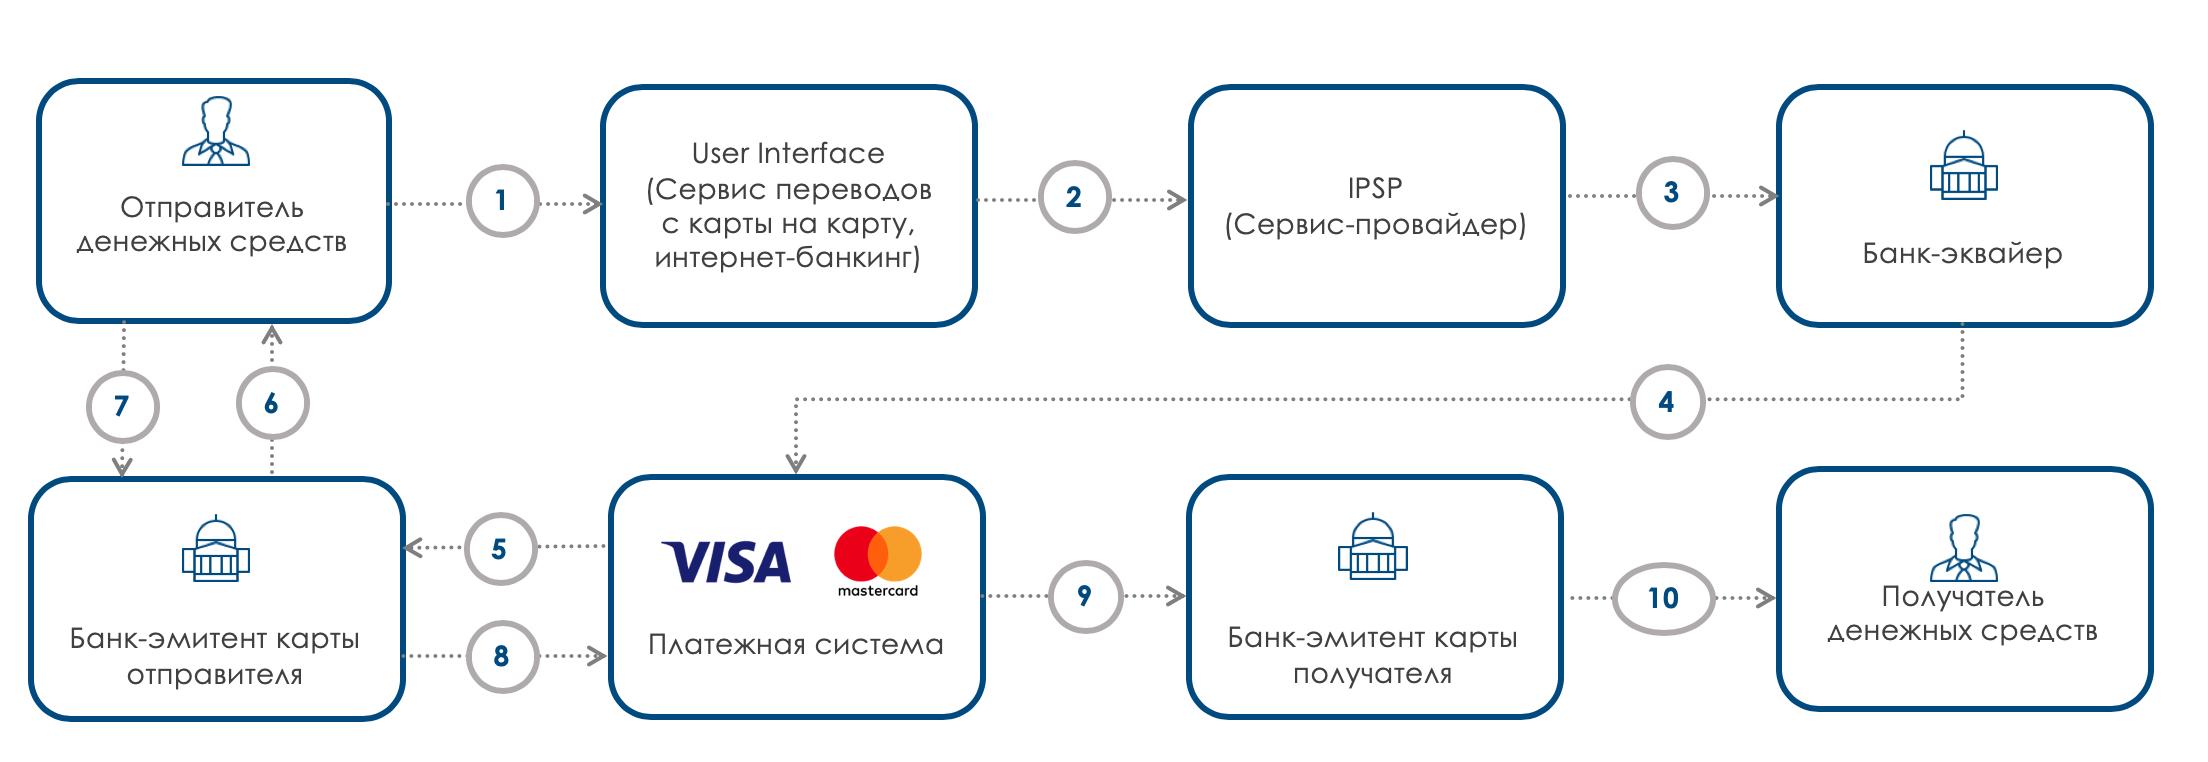 Как работают денежные переводы с карты на карту - 1